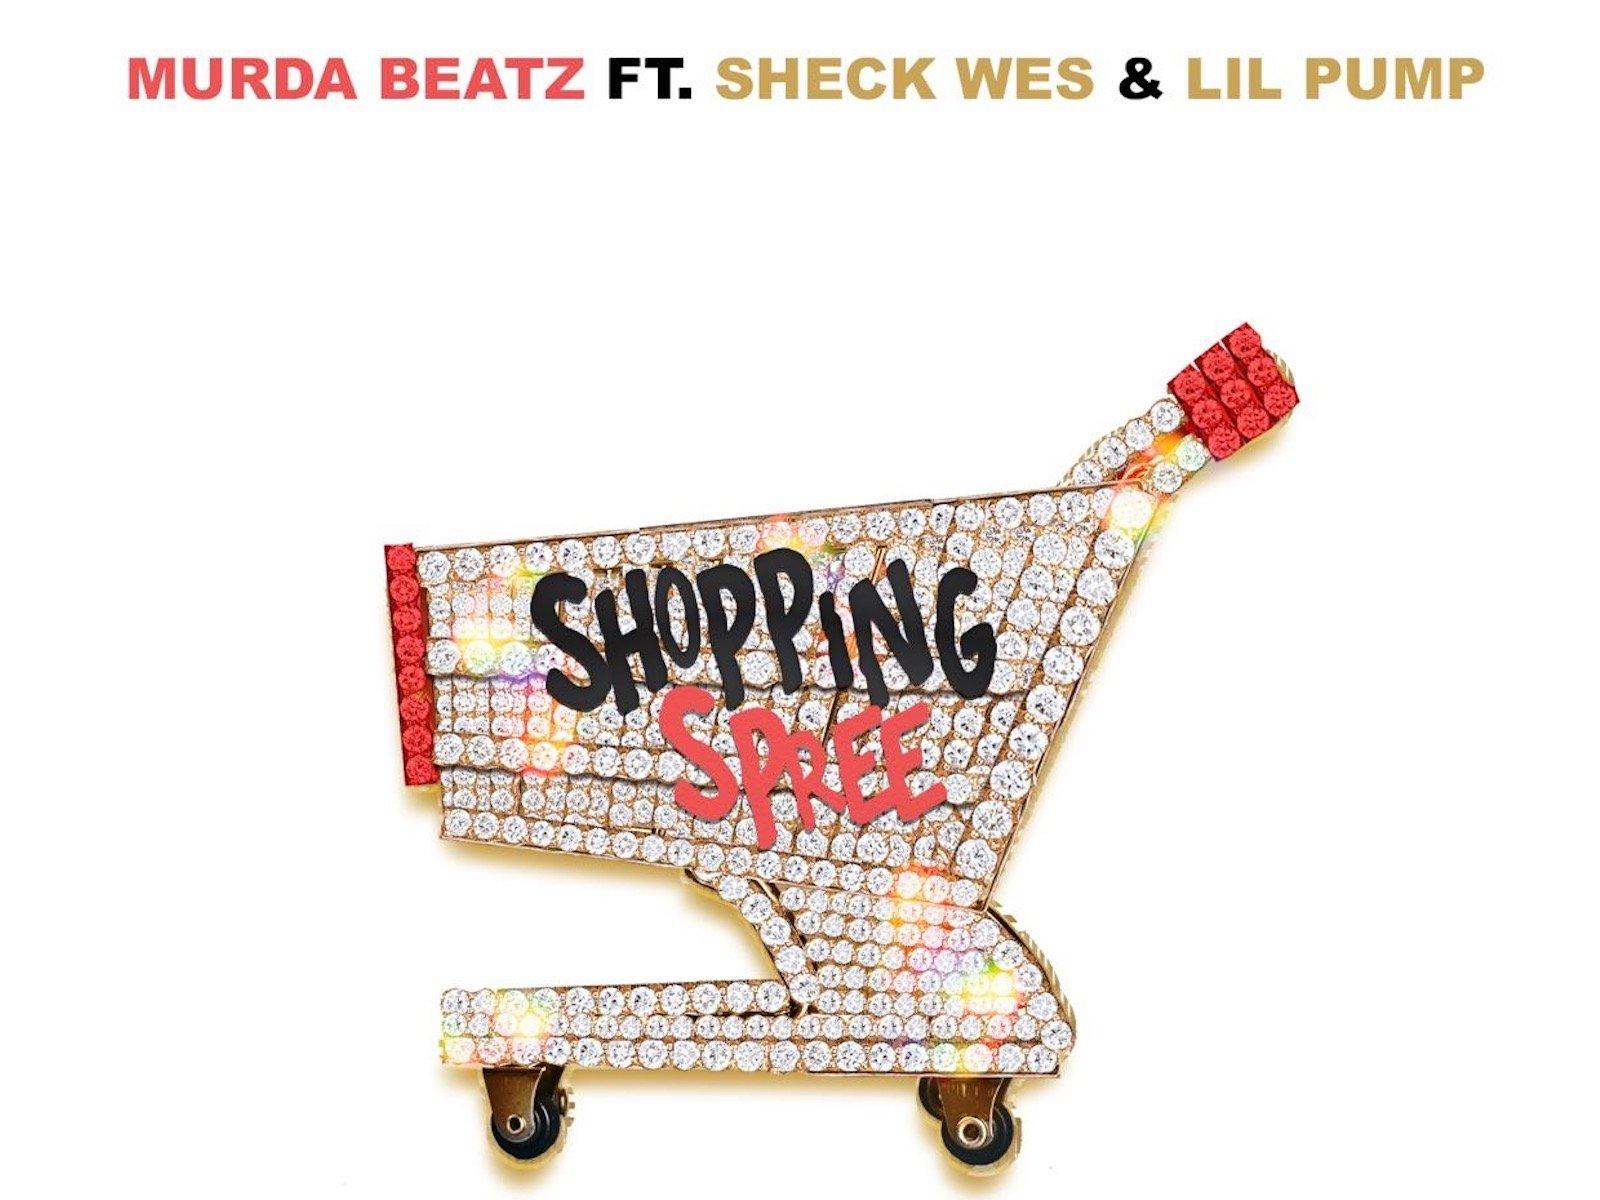 Murda Beatz Shopping Spree